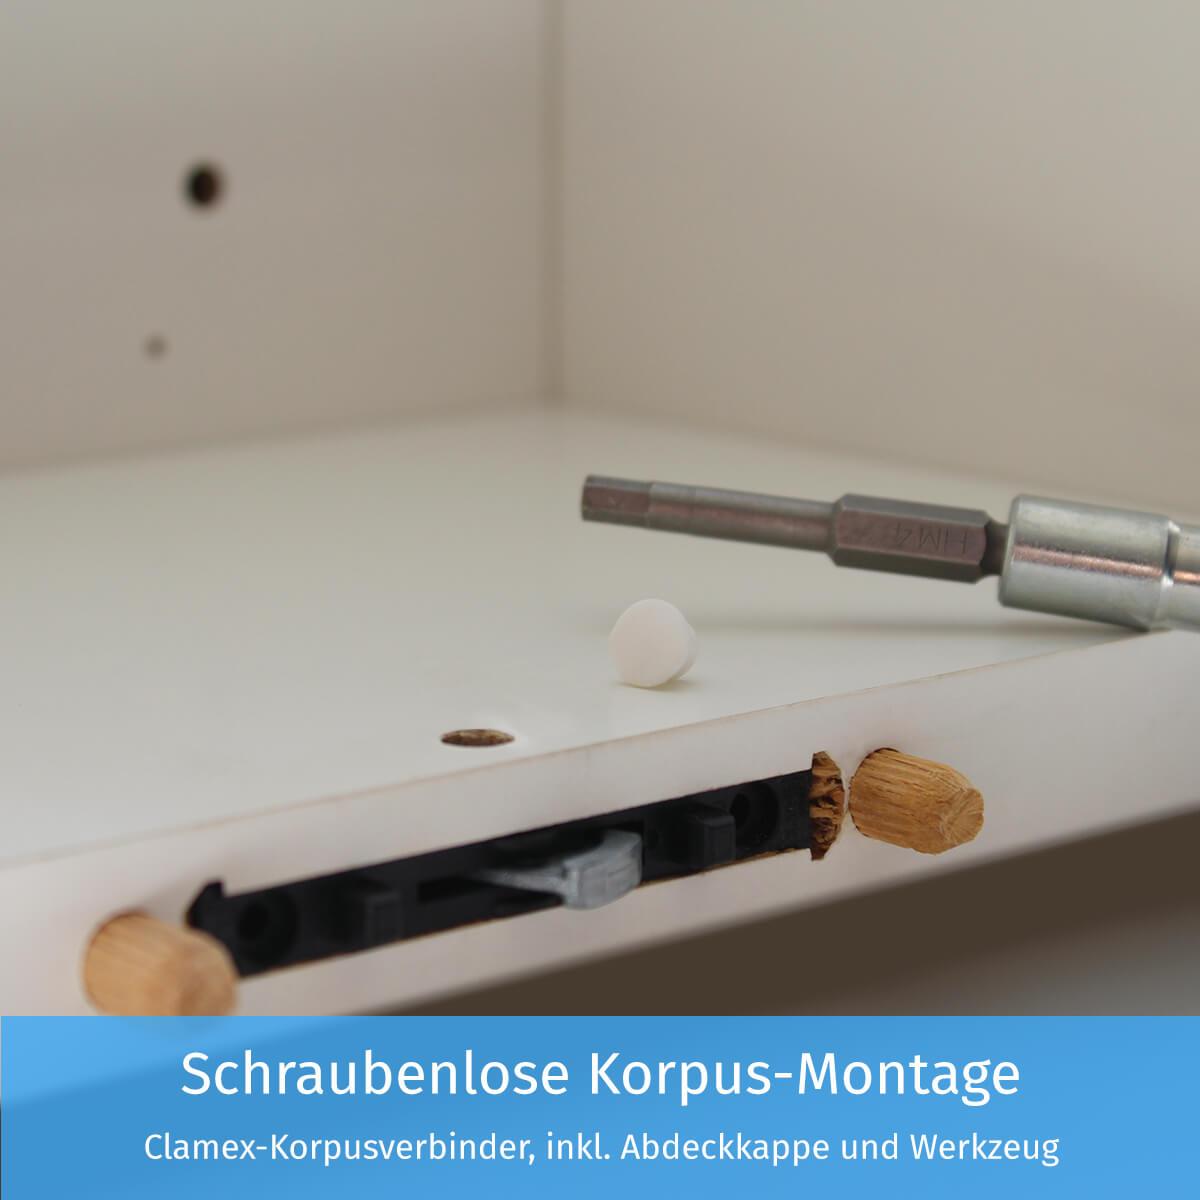 Schraubenlose Korpus-Montage